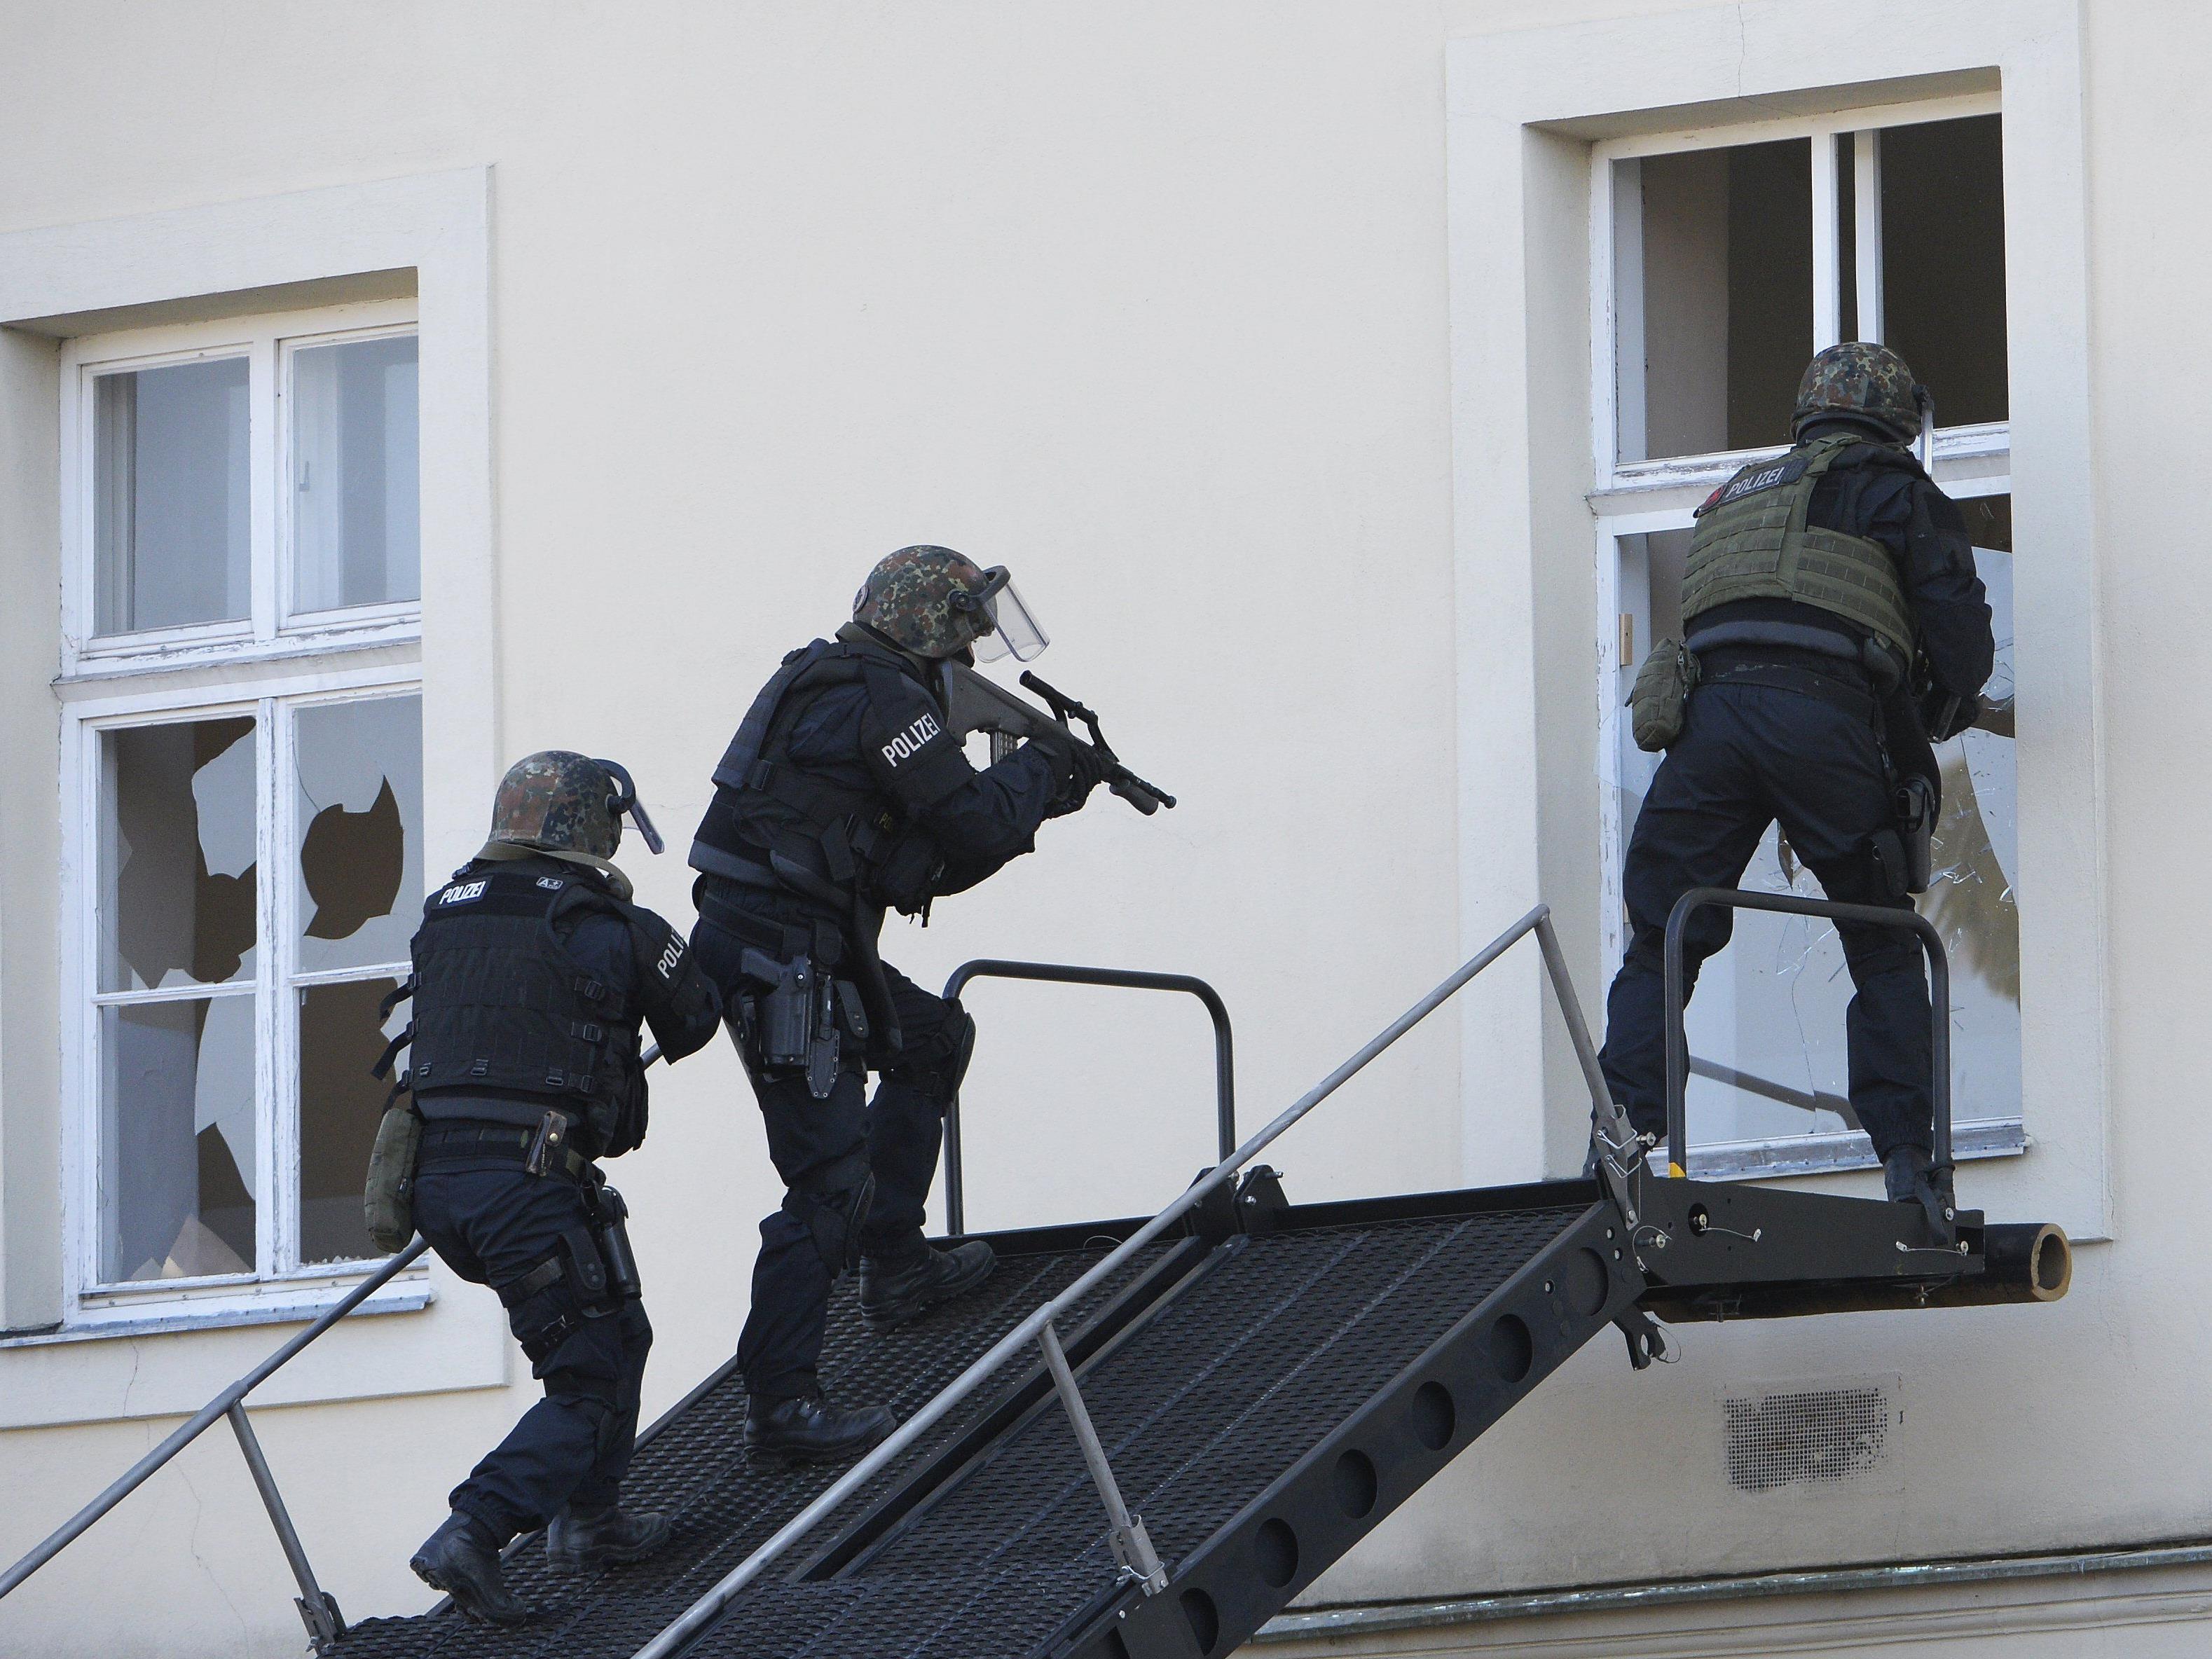 Der Terrorverdächtige wurde nahe seiner Wohnung in Wien festgenommen.